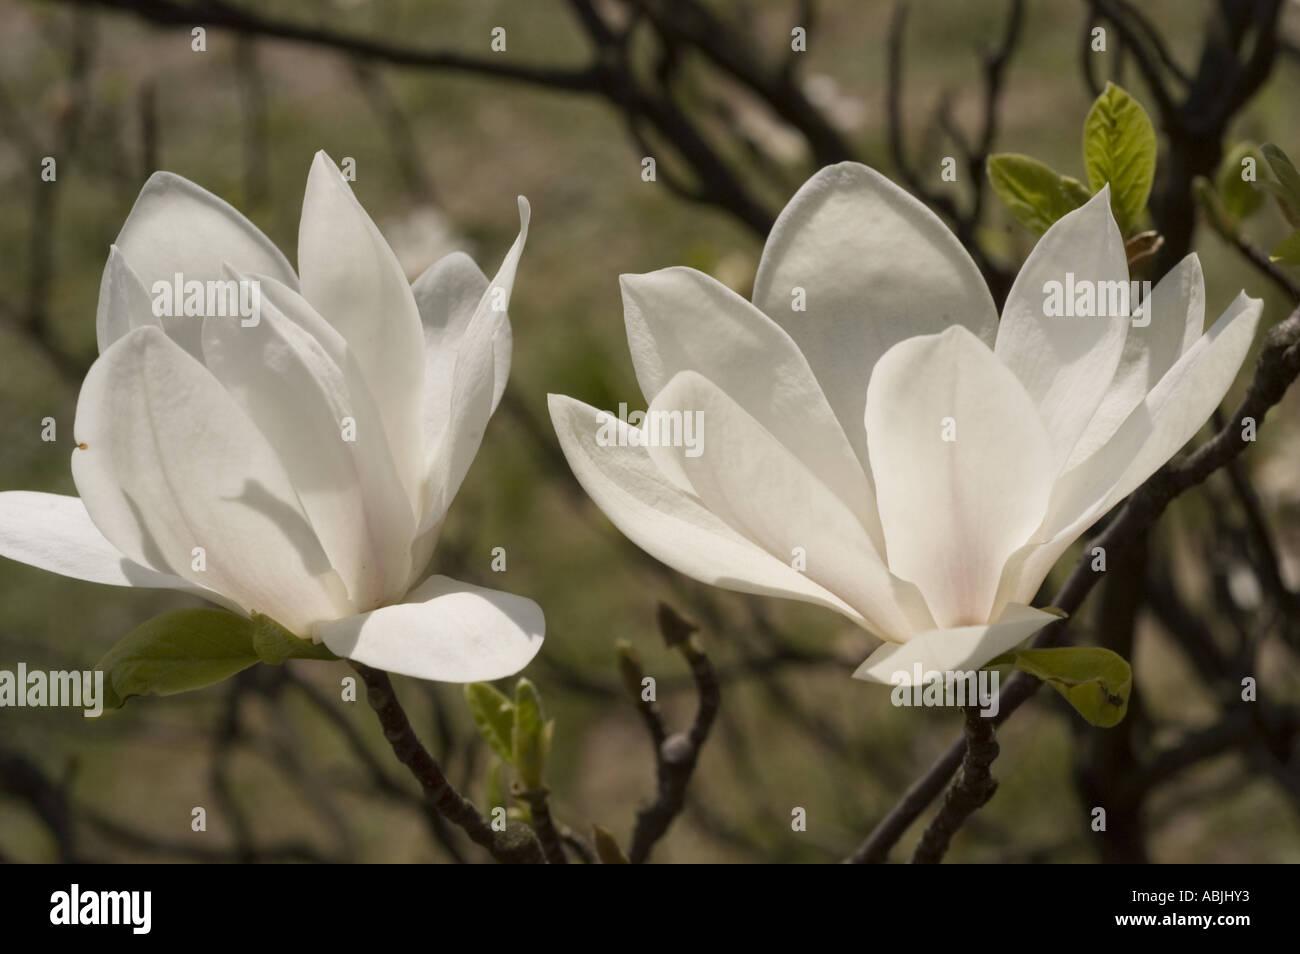 White Magnolia Flowers From Tulip Tree Or Tulip Bush Magnoliaceae